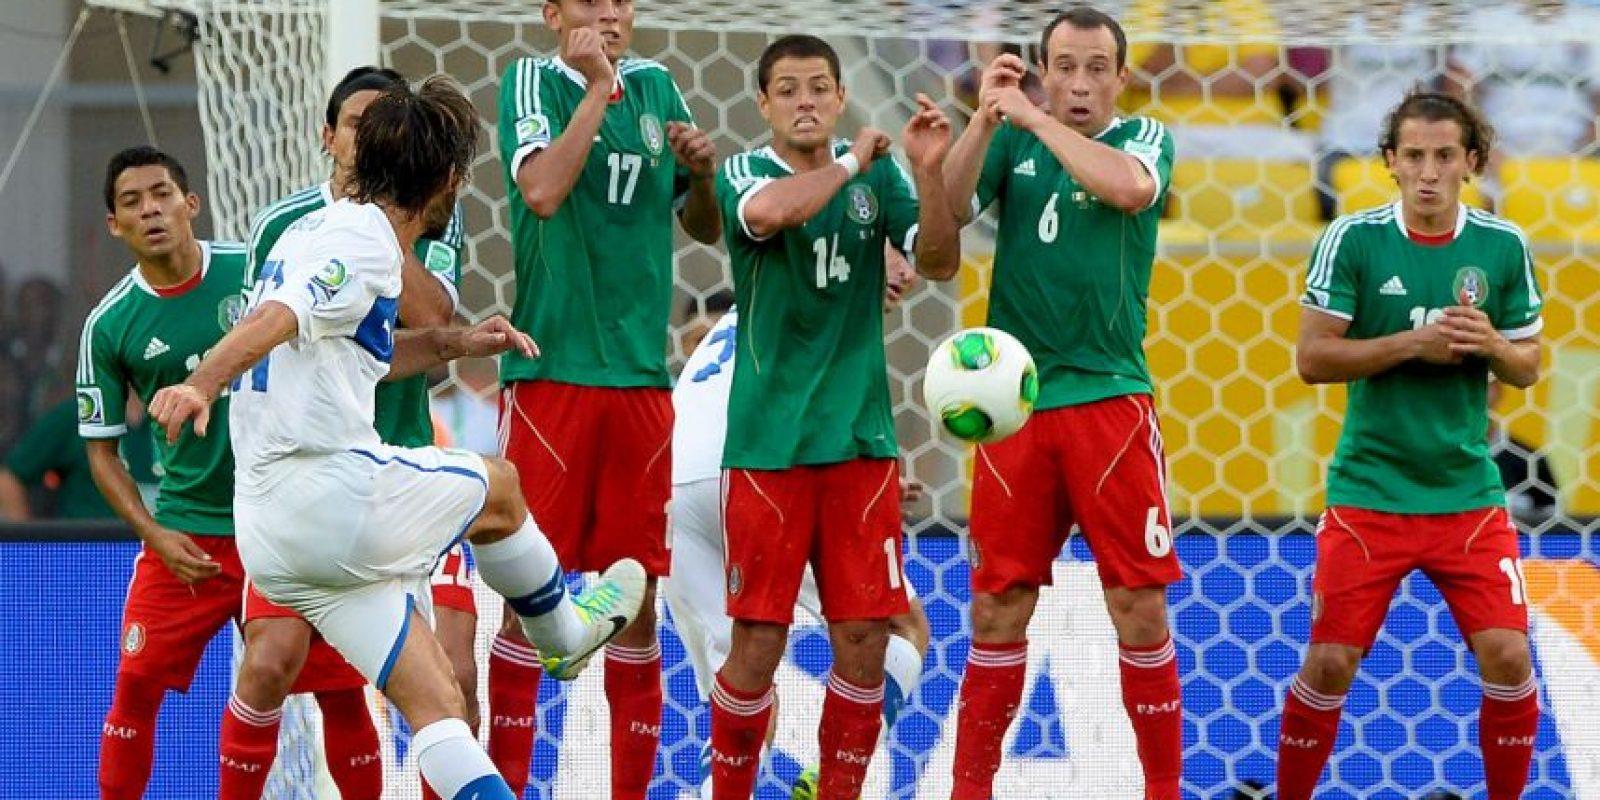 """¿Quién más que Pirlo para cobrar las jugadas a balón parado? El italiano es un especialista en tiros libres, y además, garantía de goles que son auténticas """"joyas"""". Sin embargo, el italiano confesó que para hacer estos cobros, imitó al brasileño Juninho Pernambucano. Foto:Getty Images"""